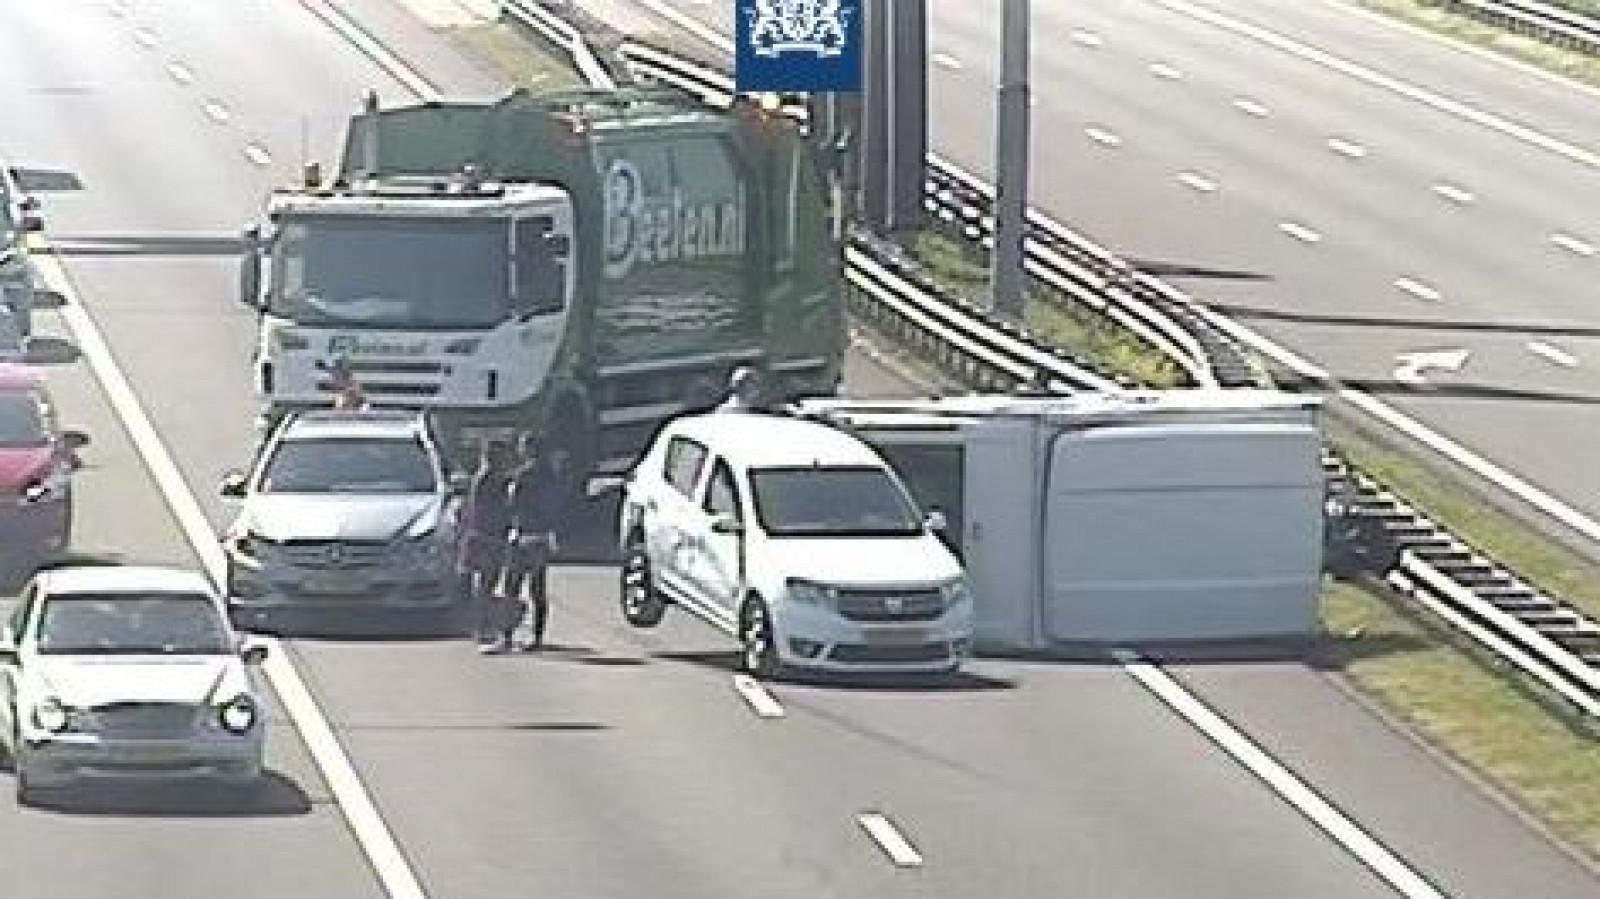 Vuilniswagenchauffeur voorkomt ongeluk door wegblokkade bij gekantelde caravan A9